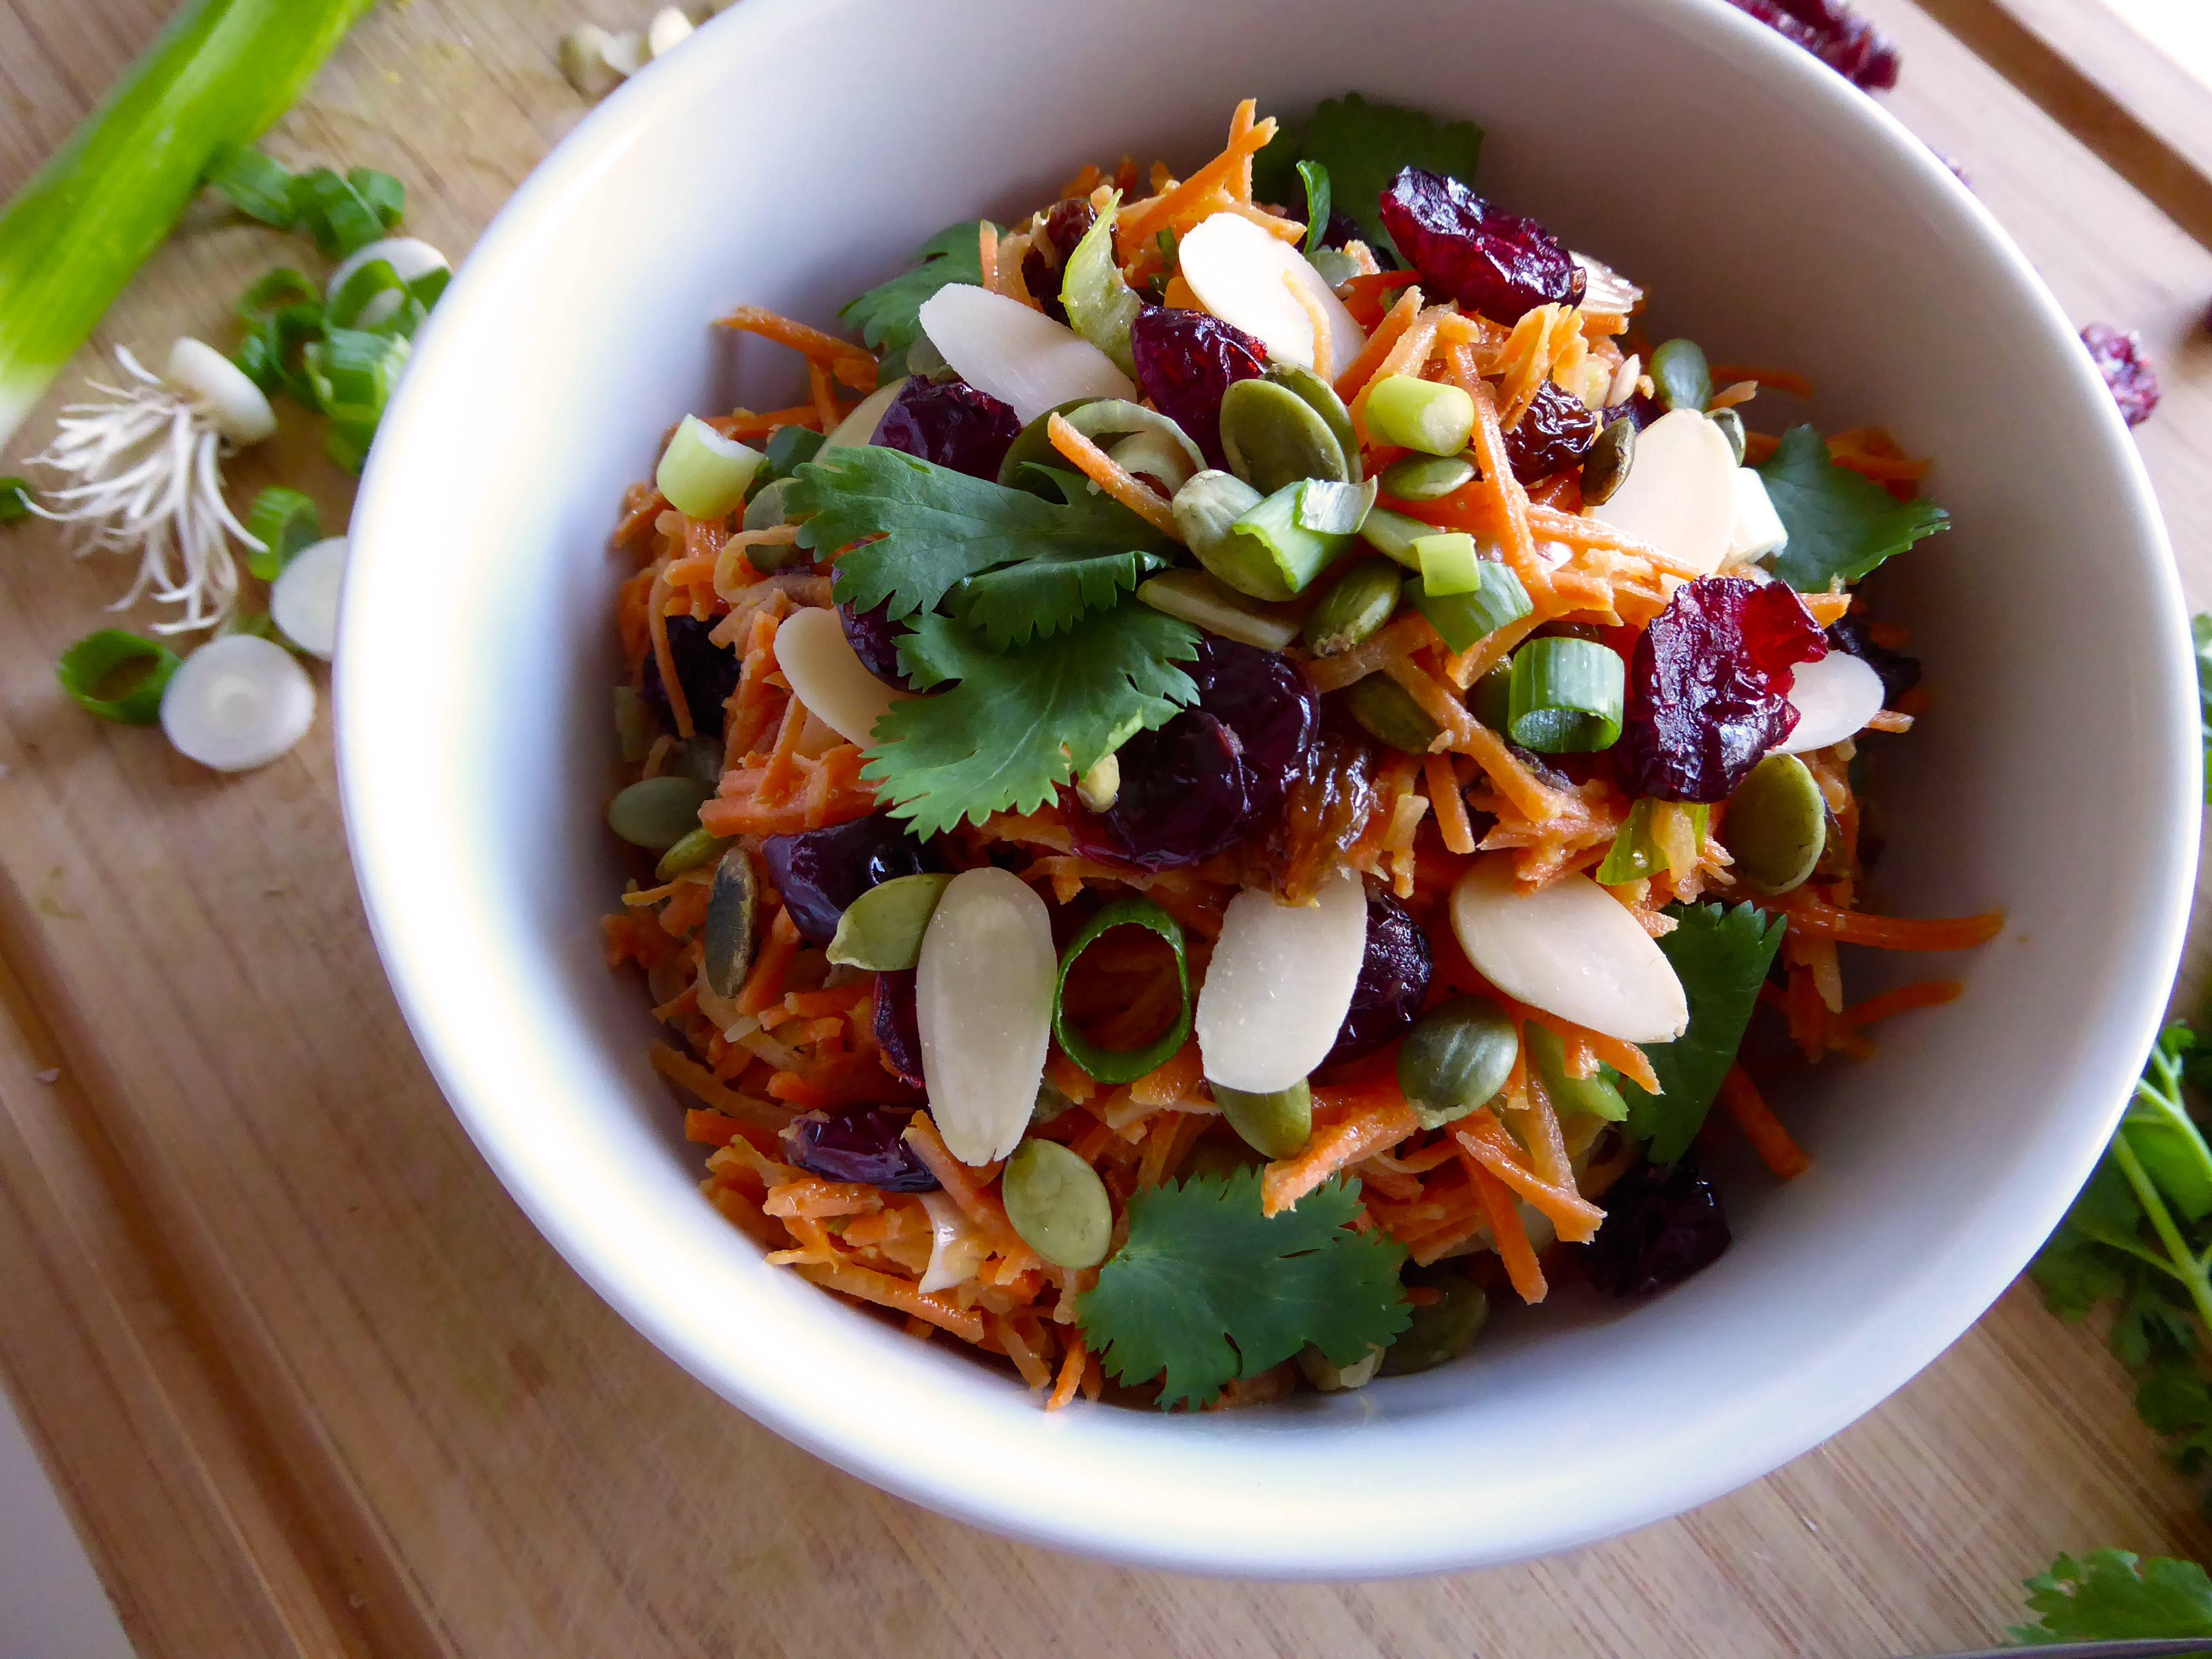 Salade de carotte, fruits séchés et noix